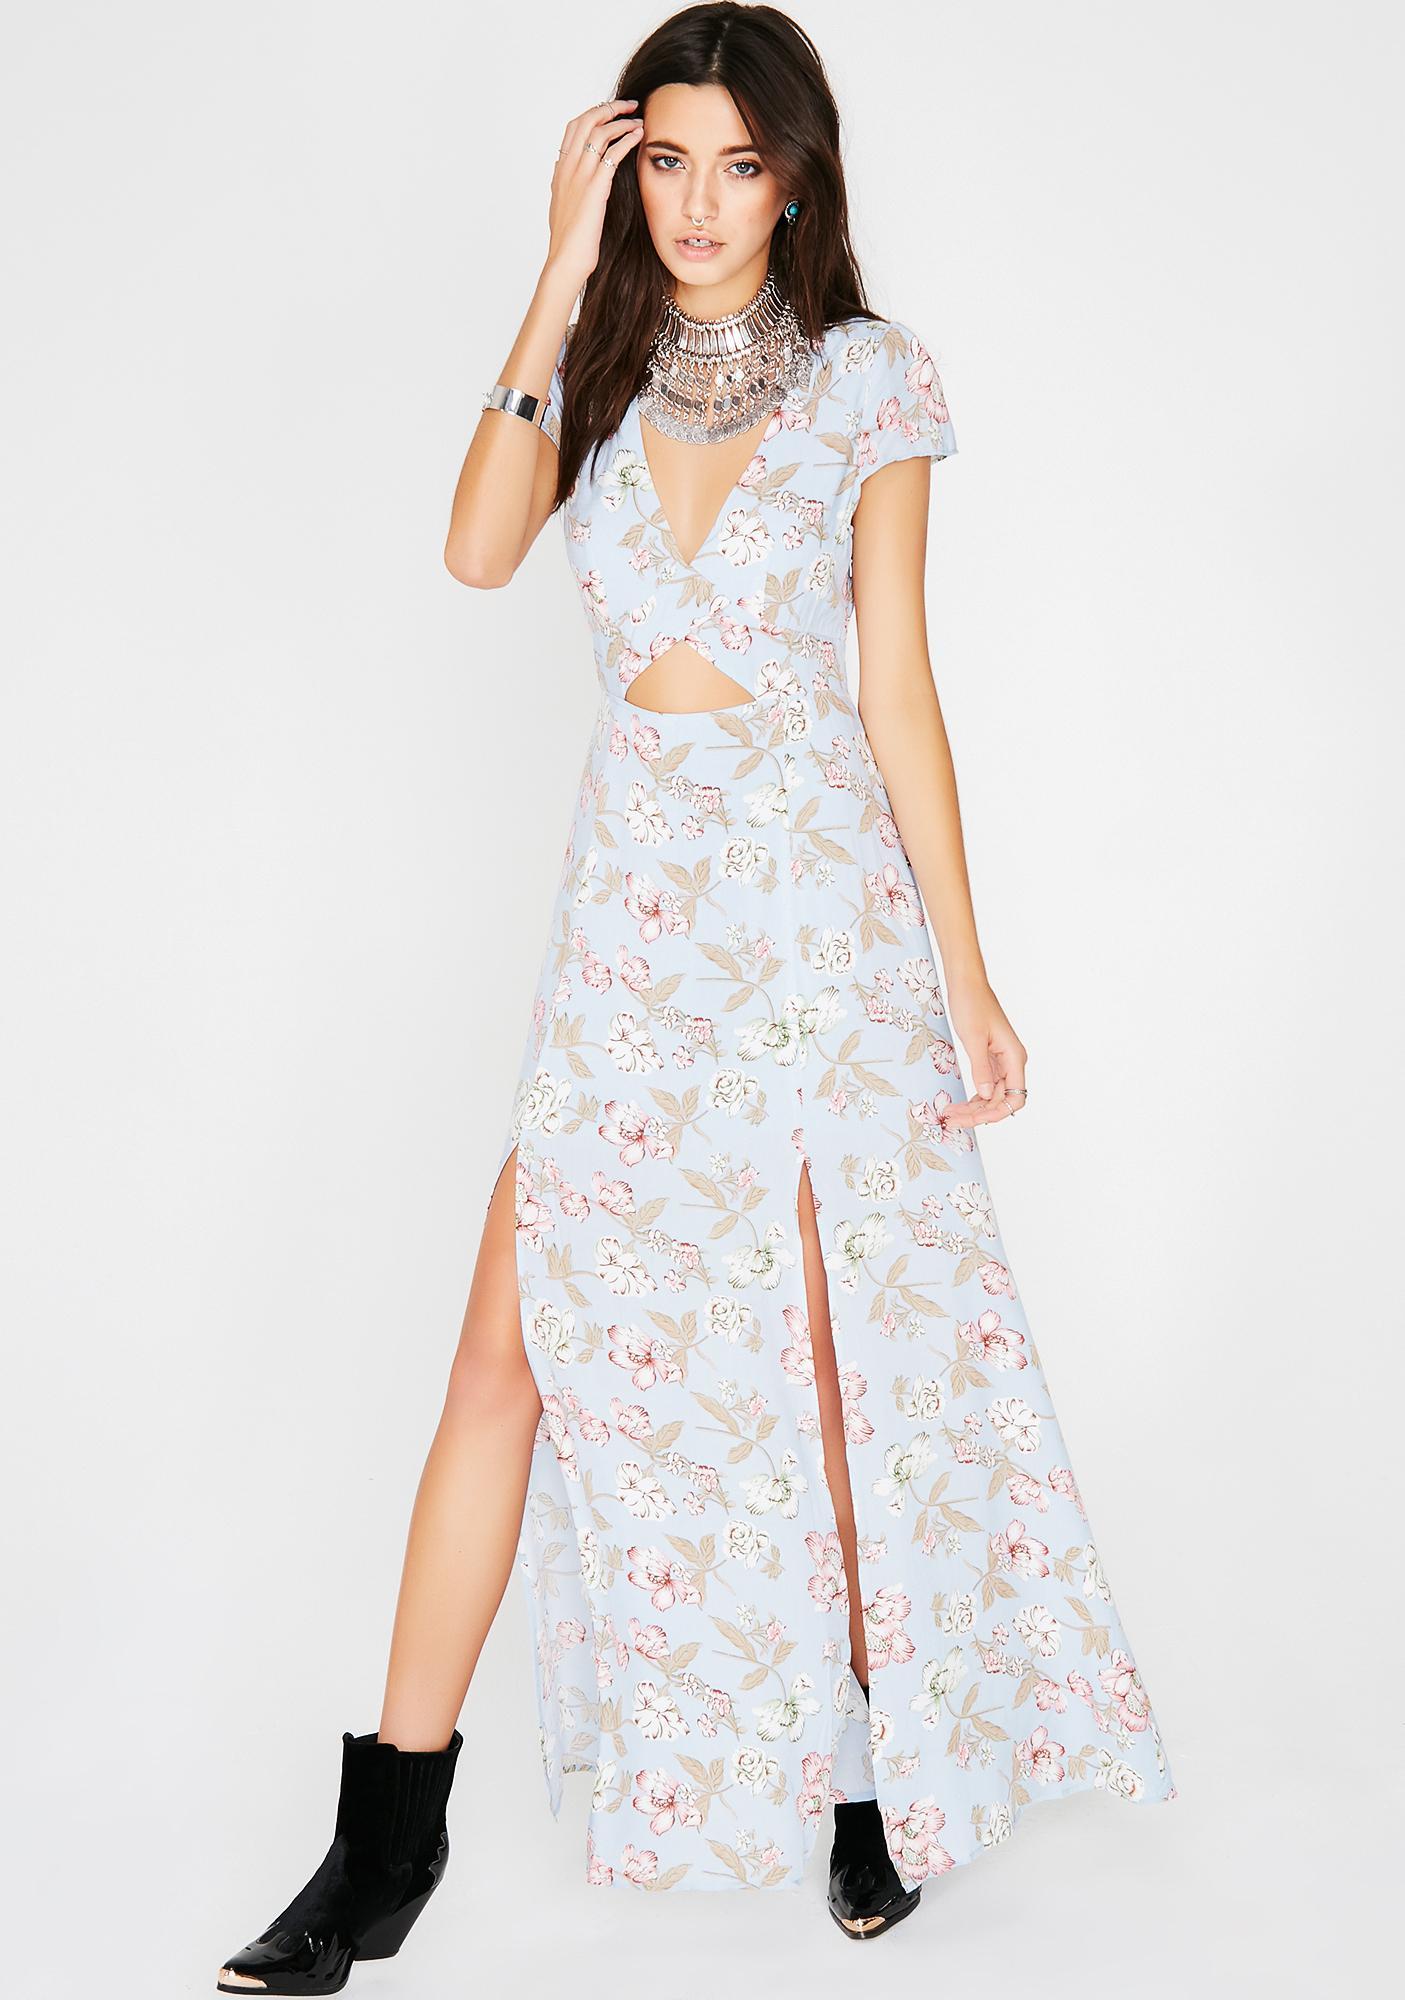 d432274be62 Floral Print Maxi Dress